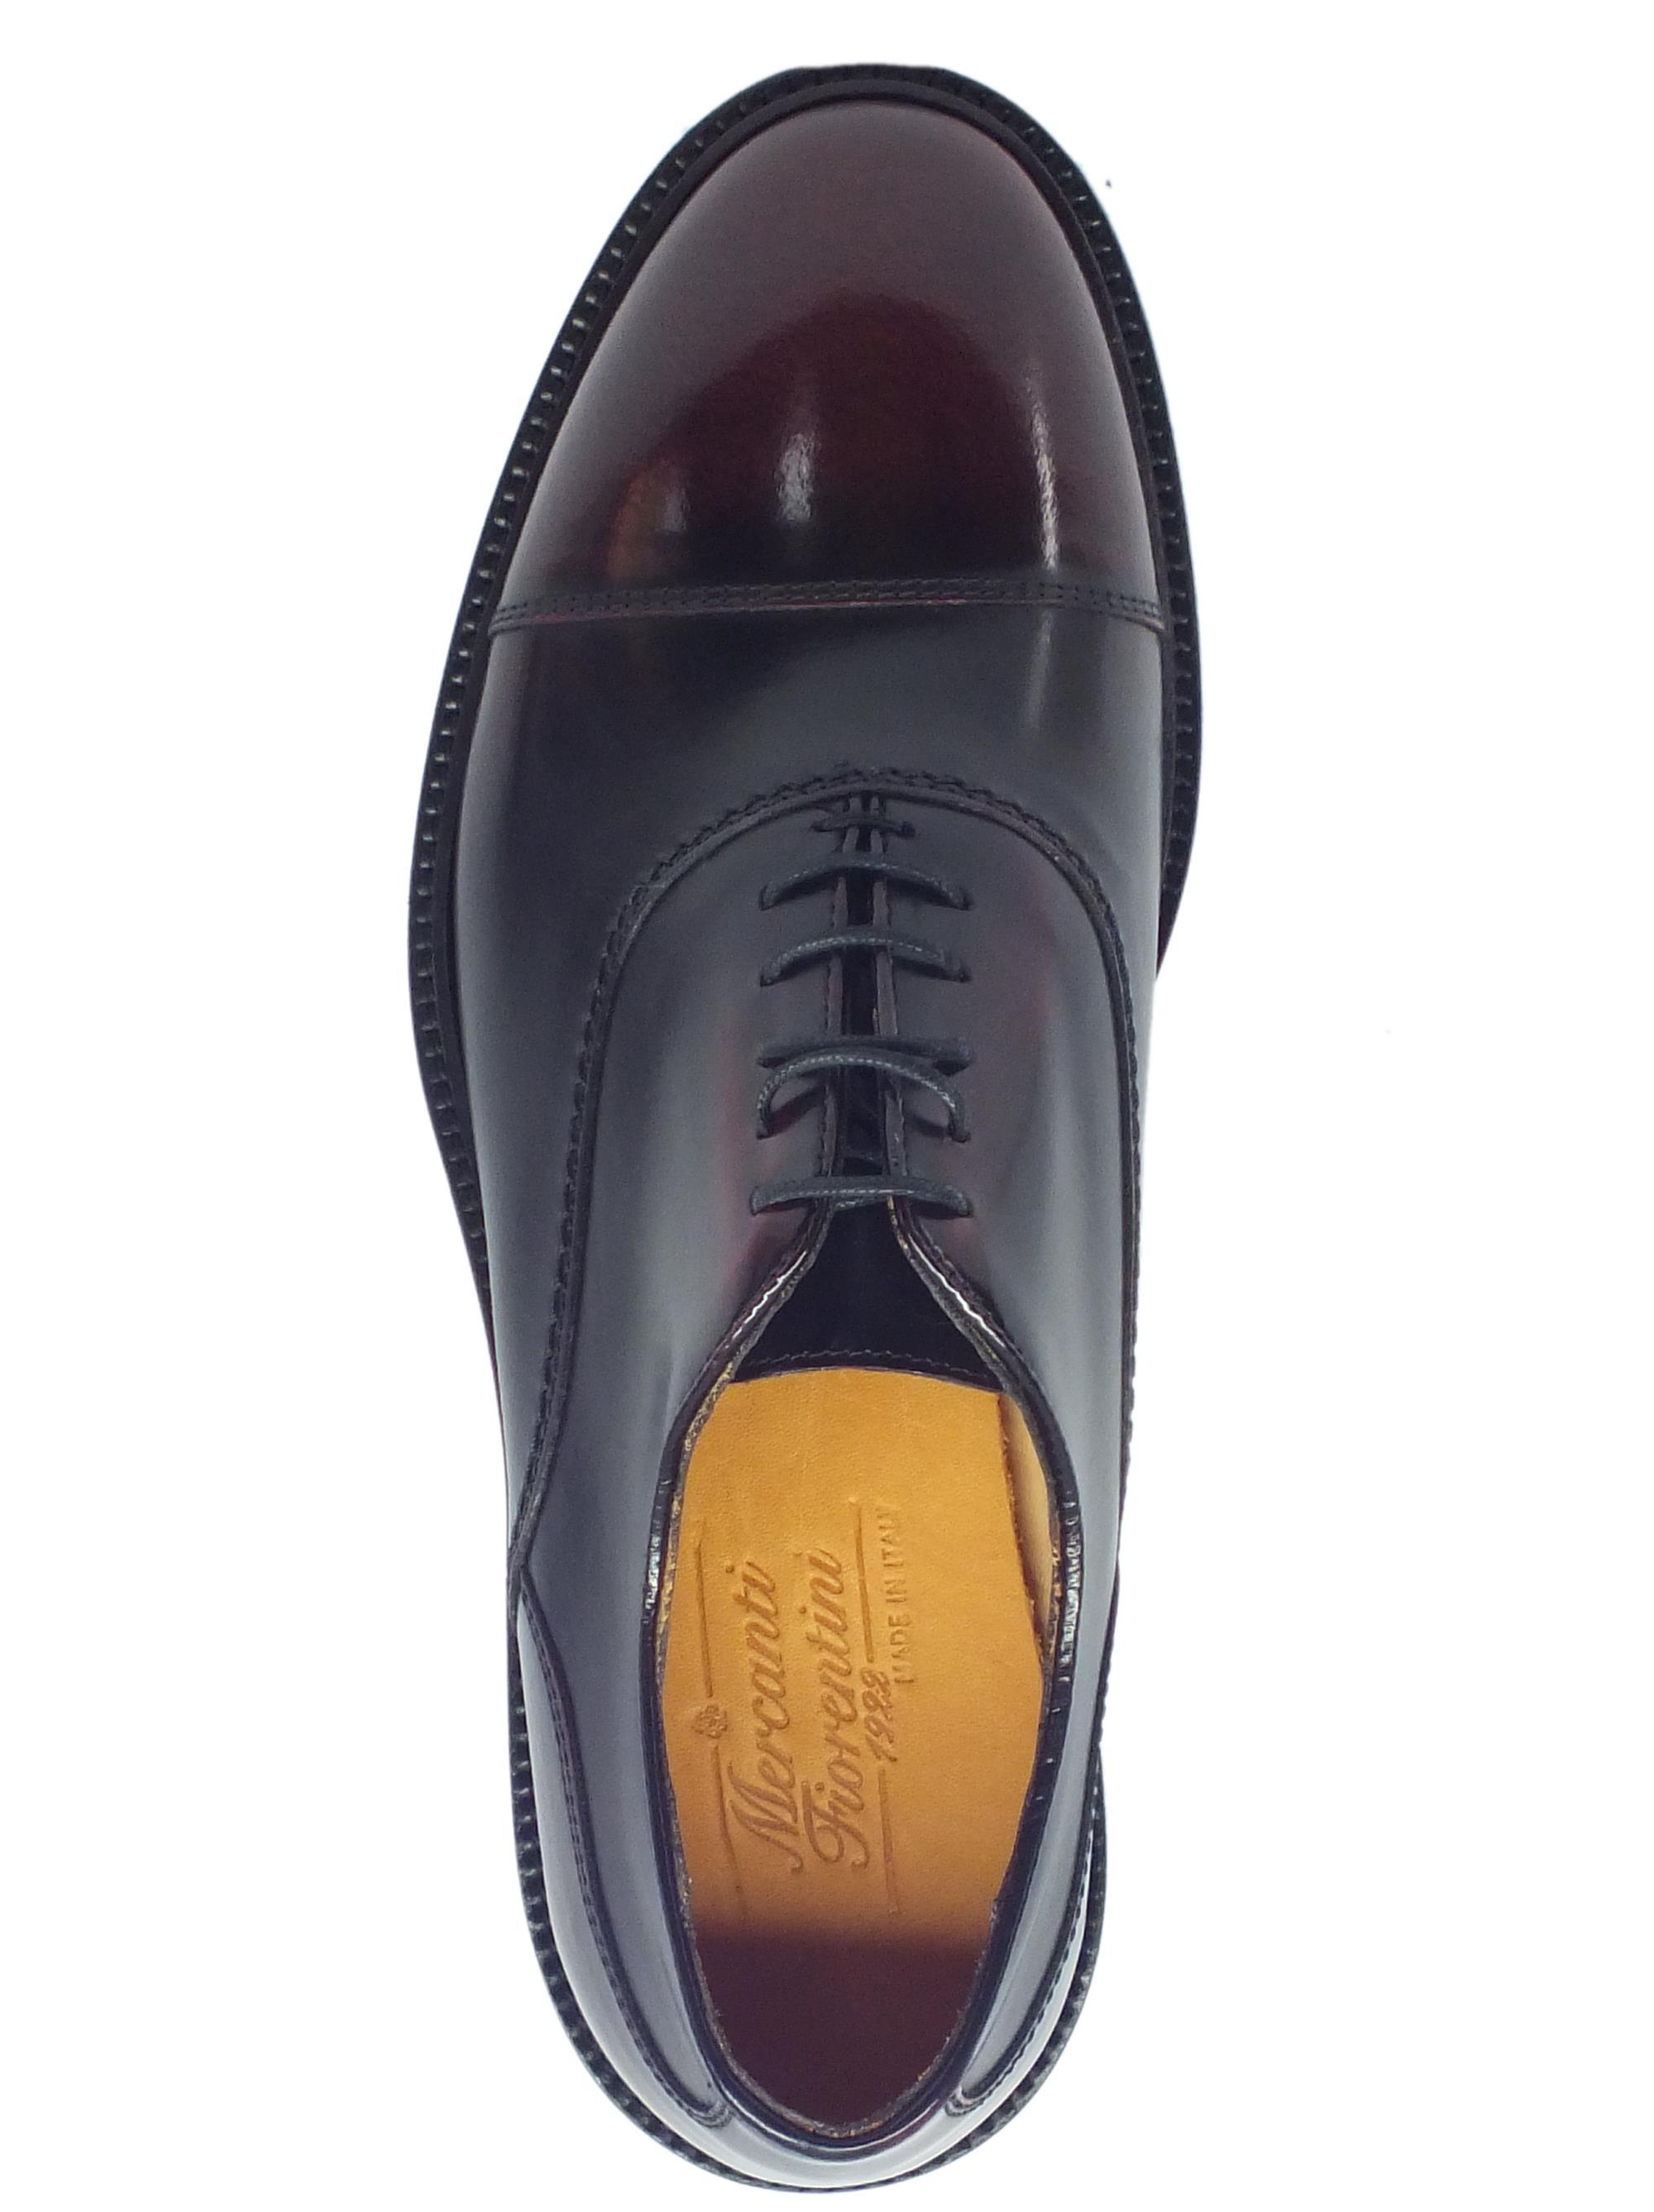 43e9177f3f6 ... Scarpe Eleganti Mercanti Fiorentini in pelle abrasivata spazzolata bordò